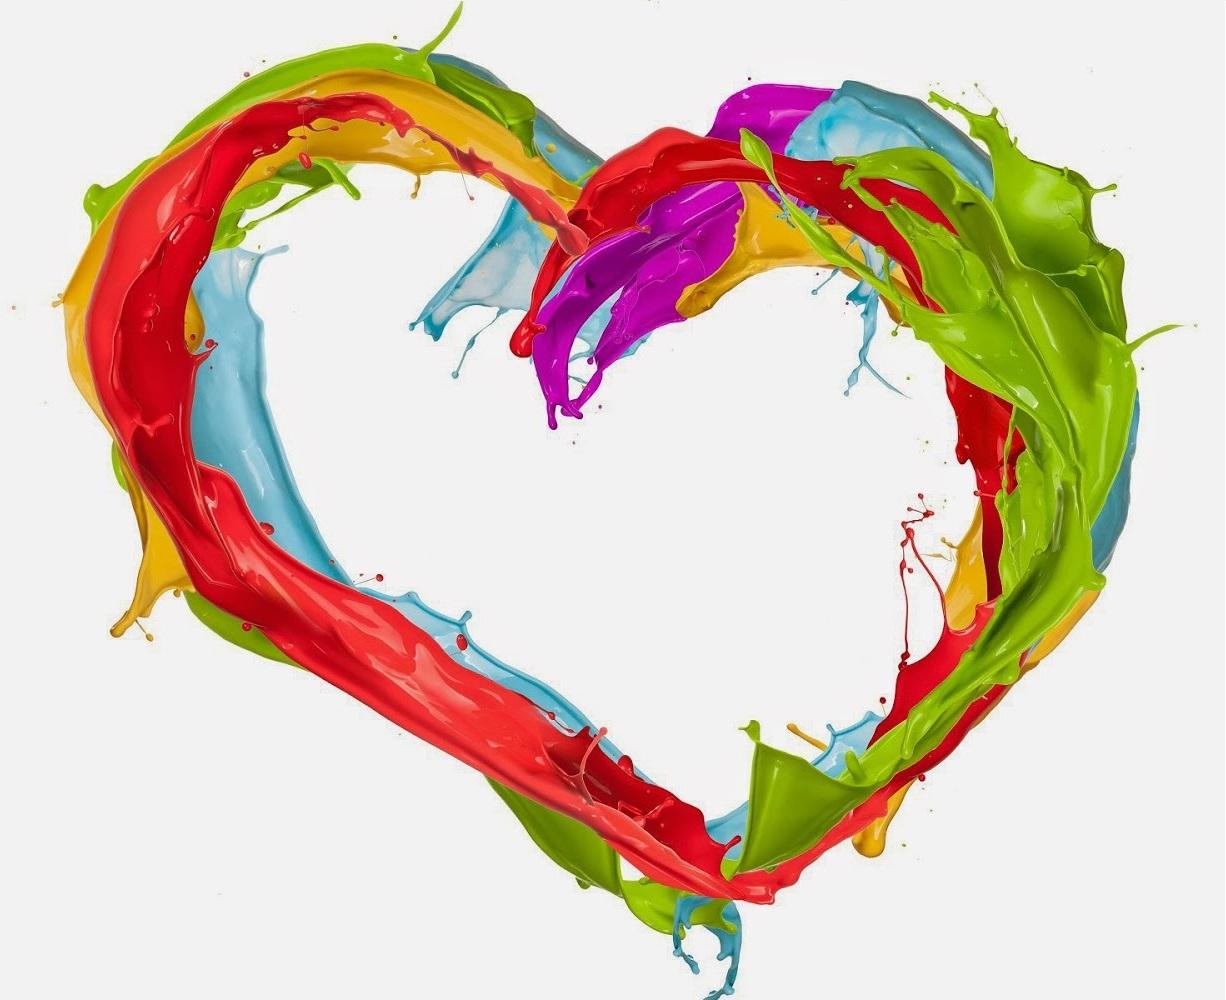 liefde - hartje-gemaakt-van-verf